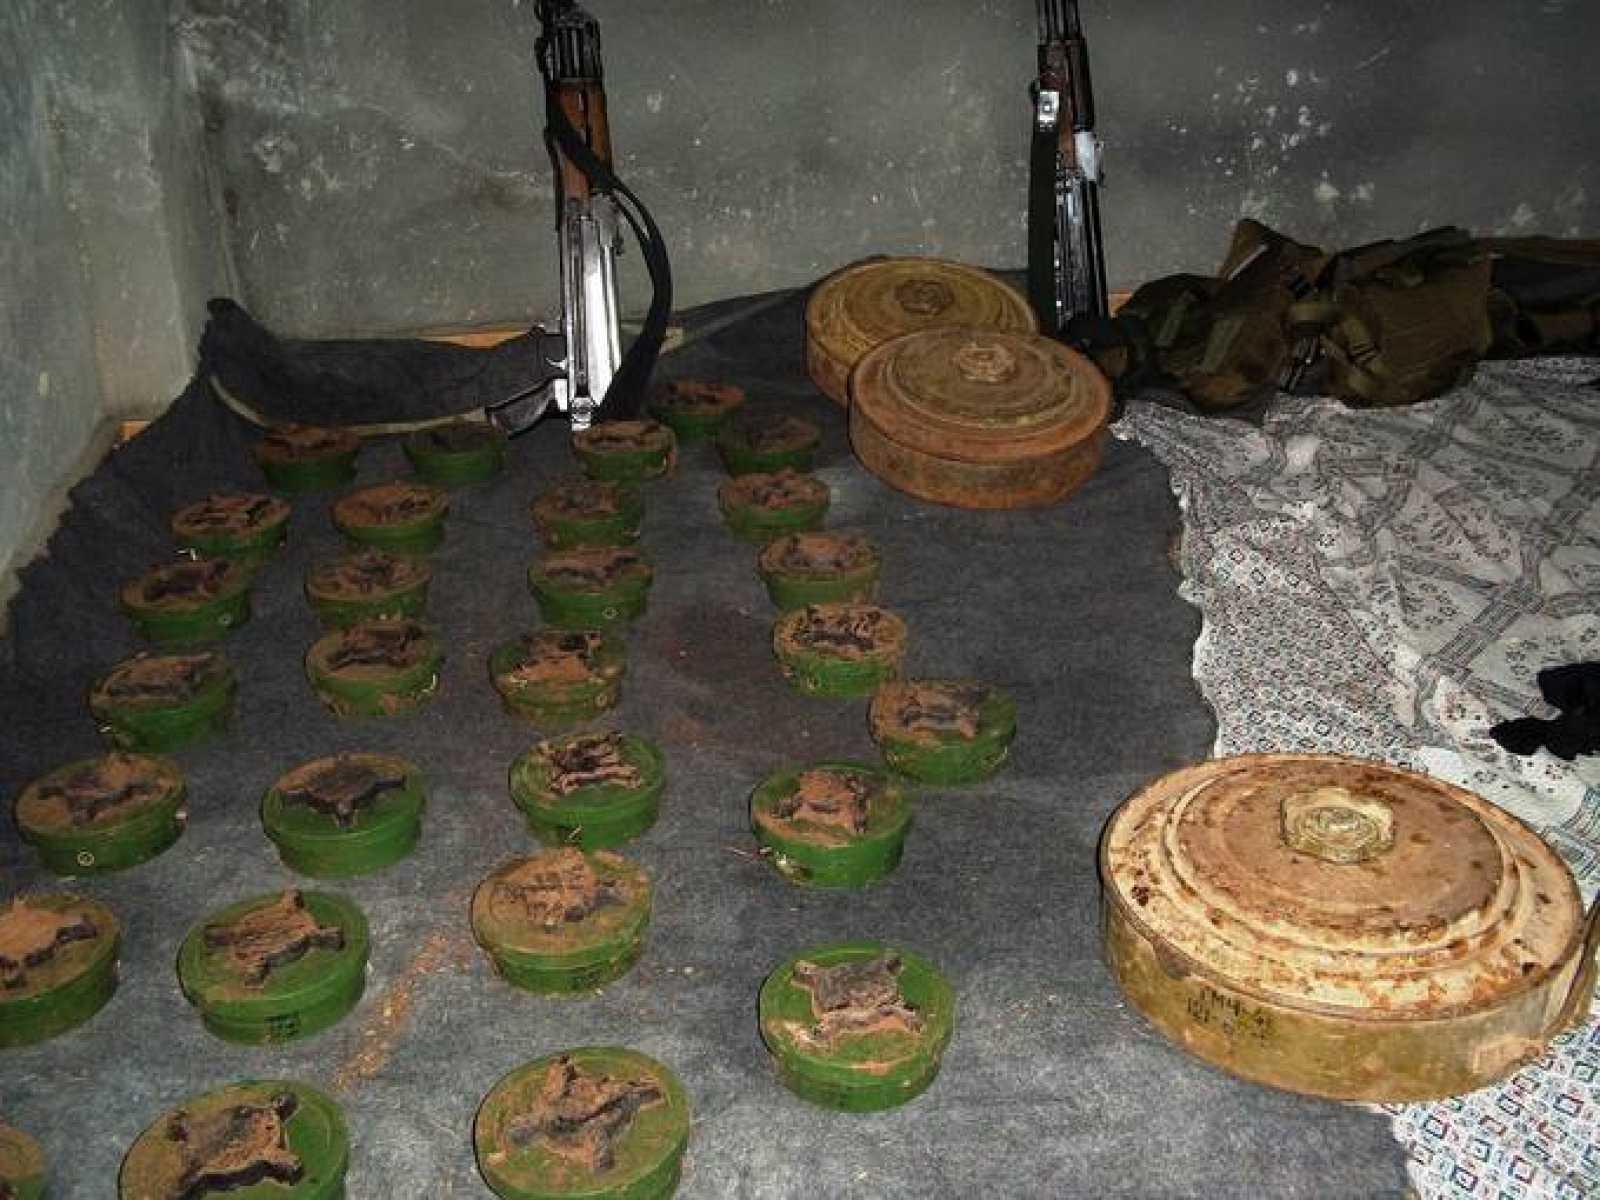 Minas antipersonas supuestamente colocadas por el Ejército sirio en la frontera con Líbano, y extraidas por activistas libaneses y sirios el 8 de marzo